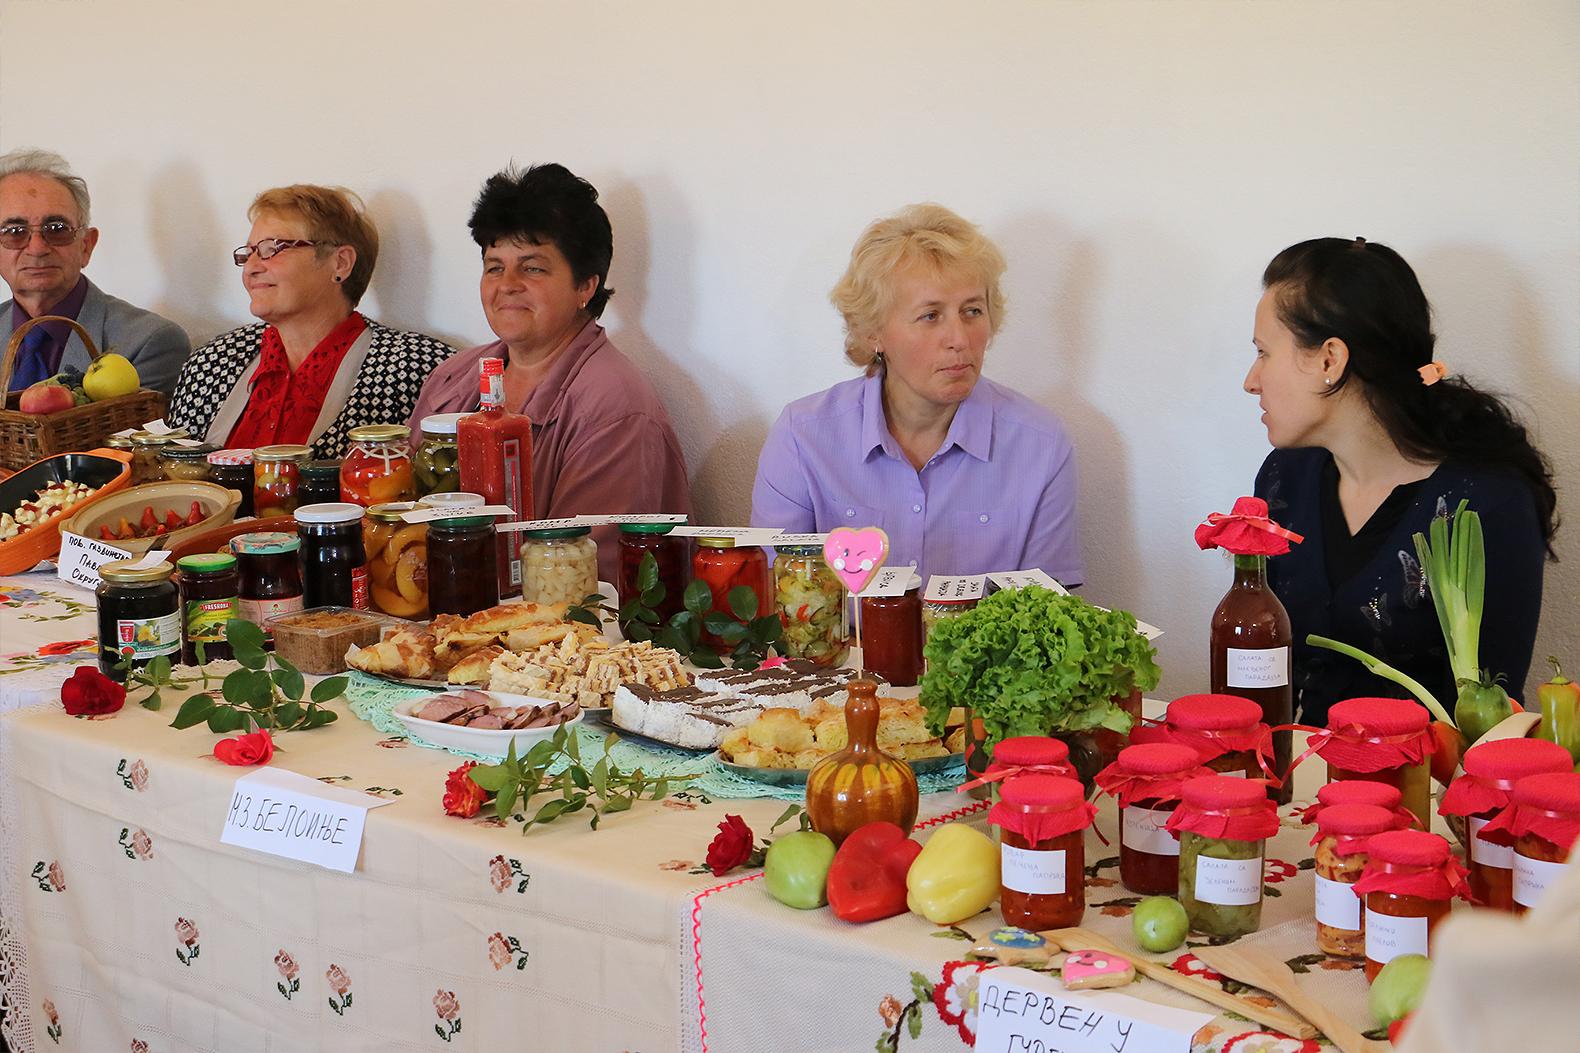 Sajam zimnice i zdrave hrane, opština Svrljig, foto: M. Miladinović, Svrljiške novine